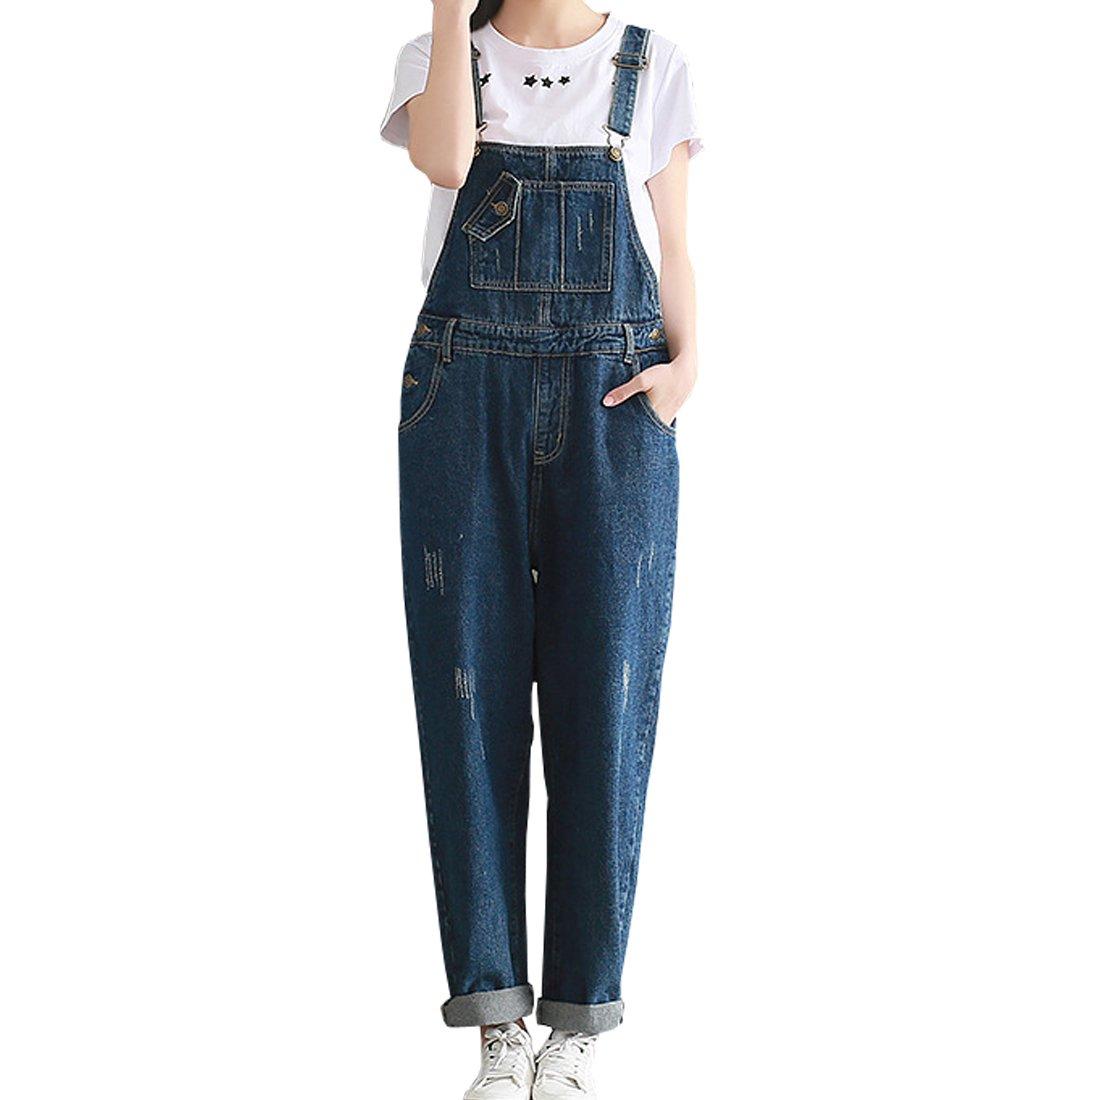 SiDiOU Group Donna Salopette Jeans Pantaloni di tuta di Harem dei pantaloni del denim dei pantaloni del denim delle cinghie casuali delle donne SDO-LT001